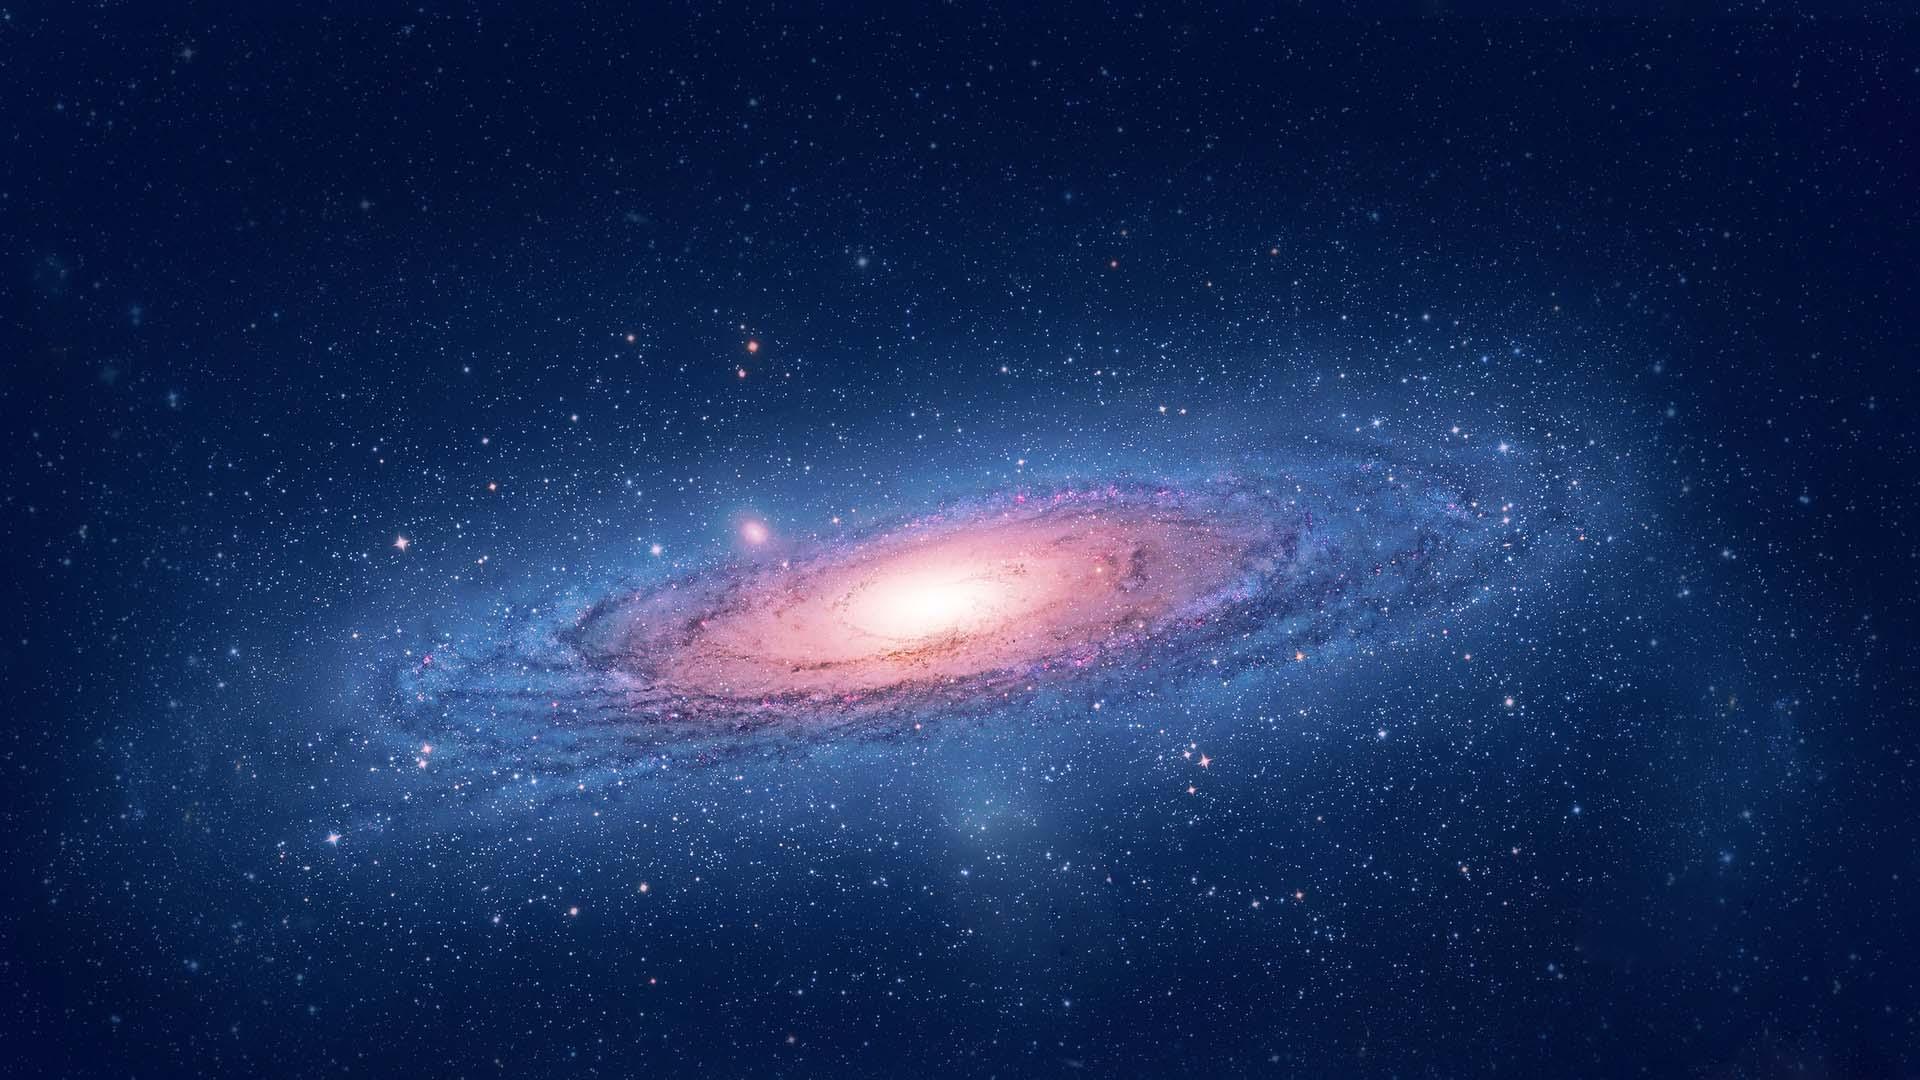 Galaxy wallpaper full hd